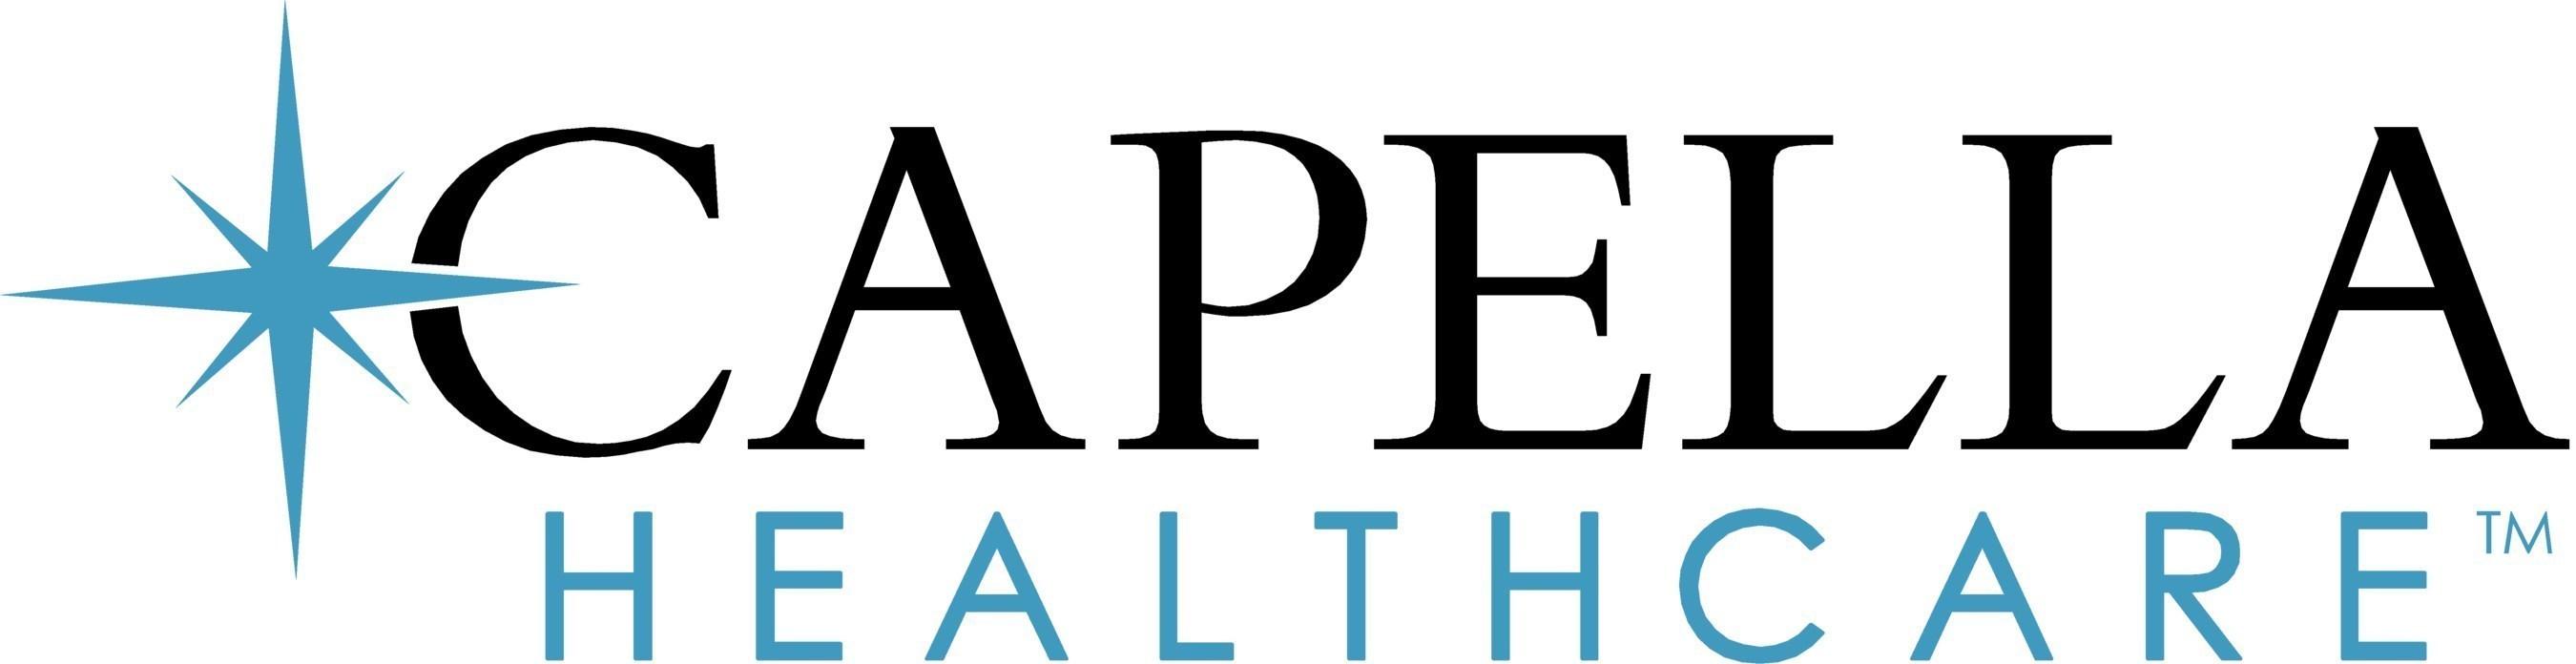 Capella Healthcare, Inc.